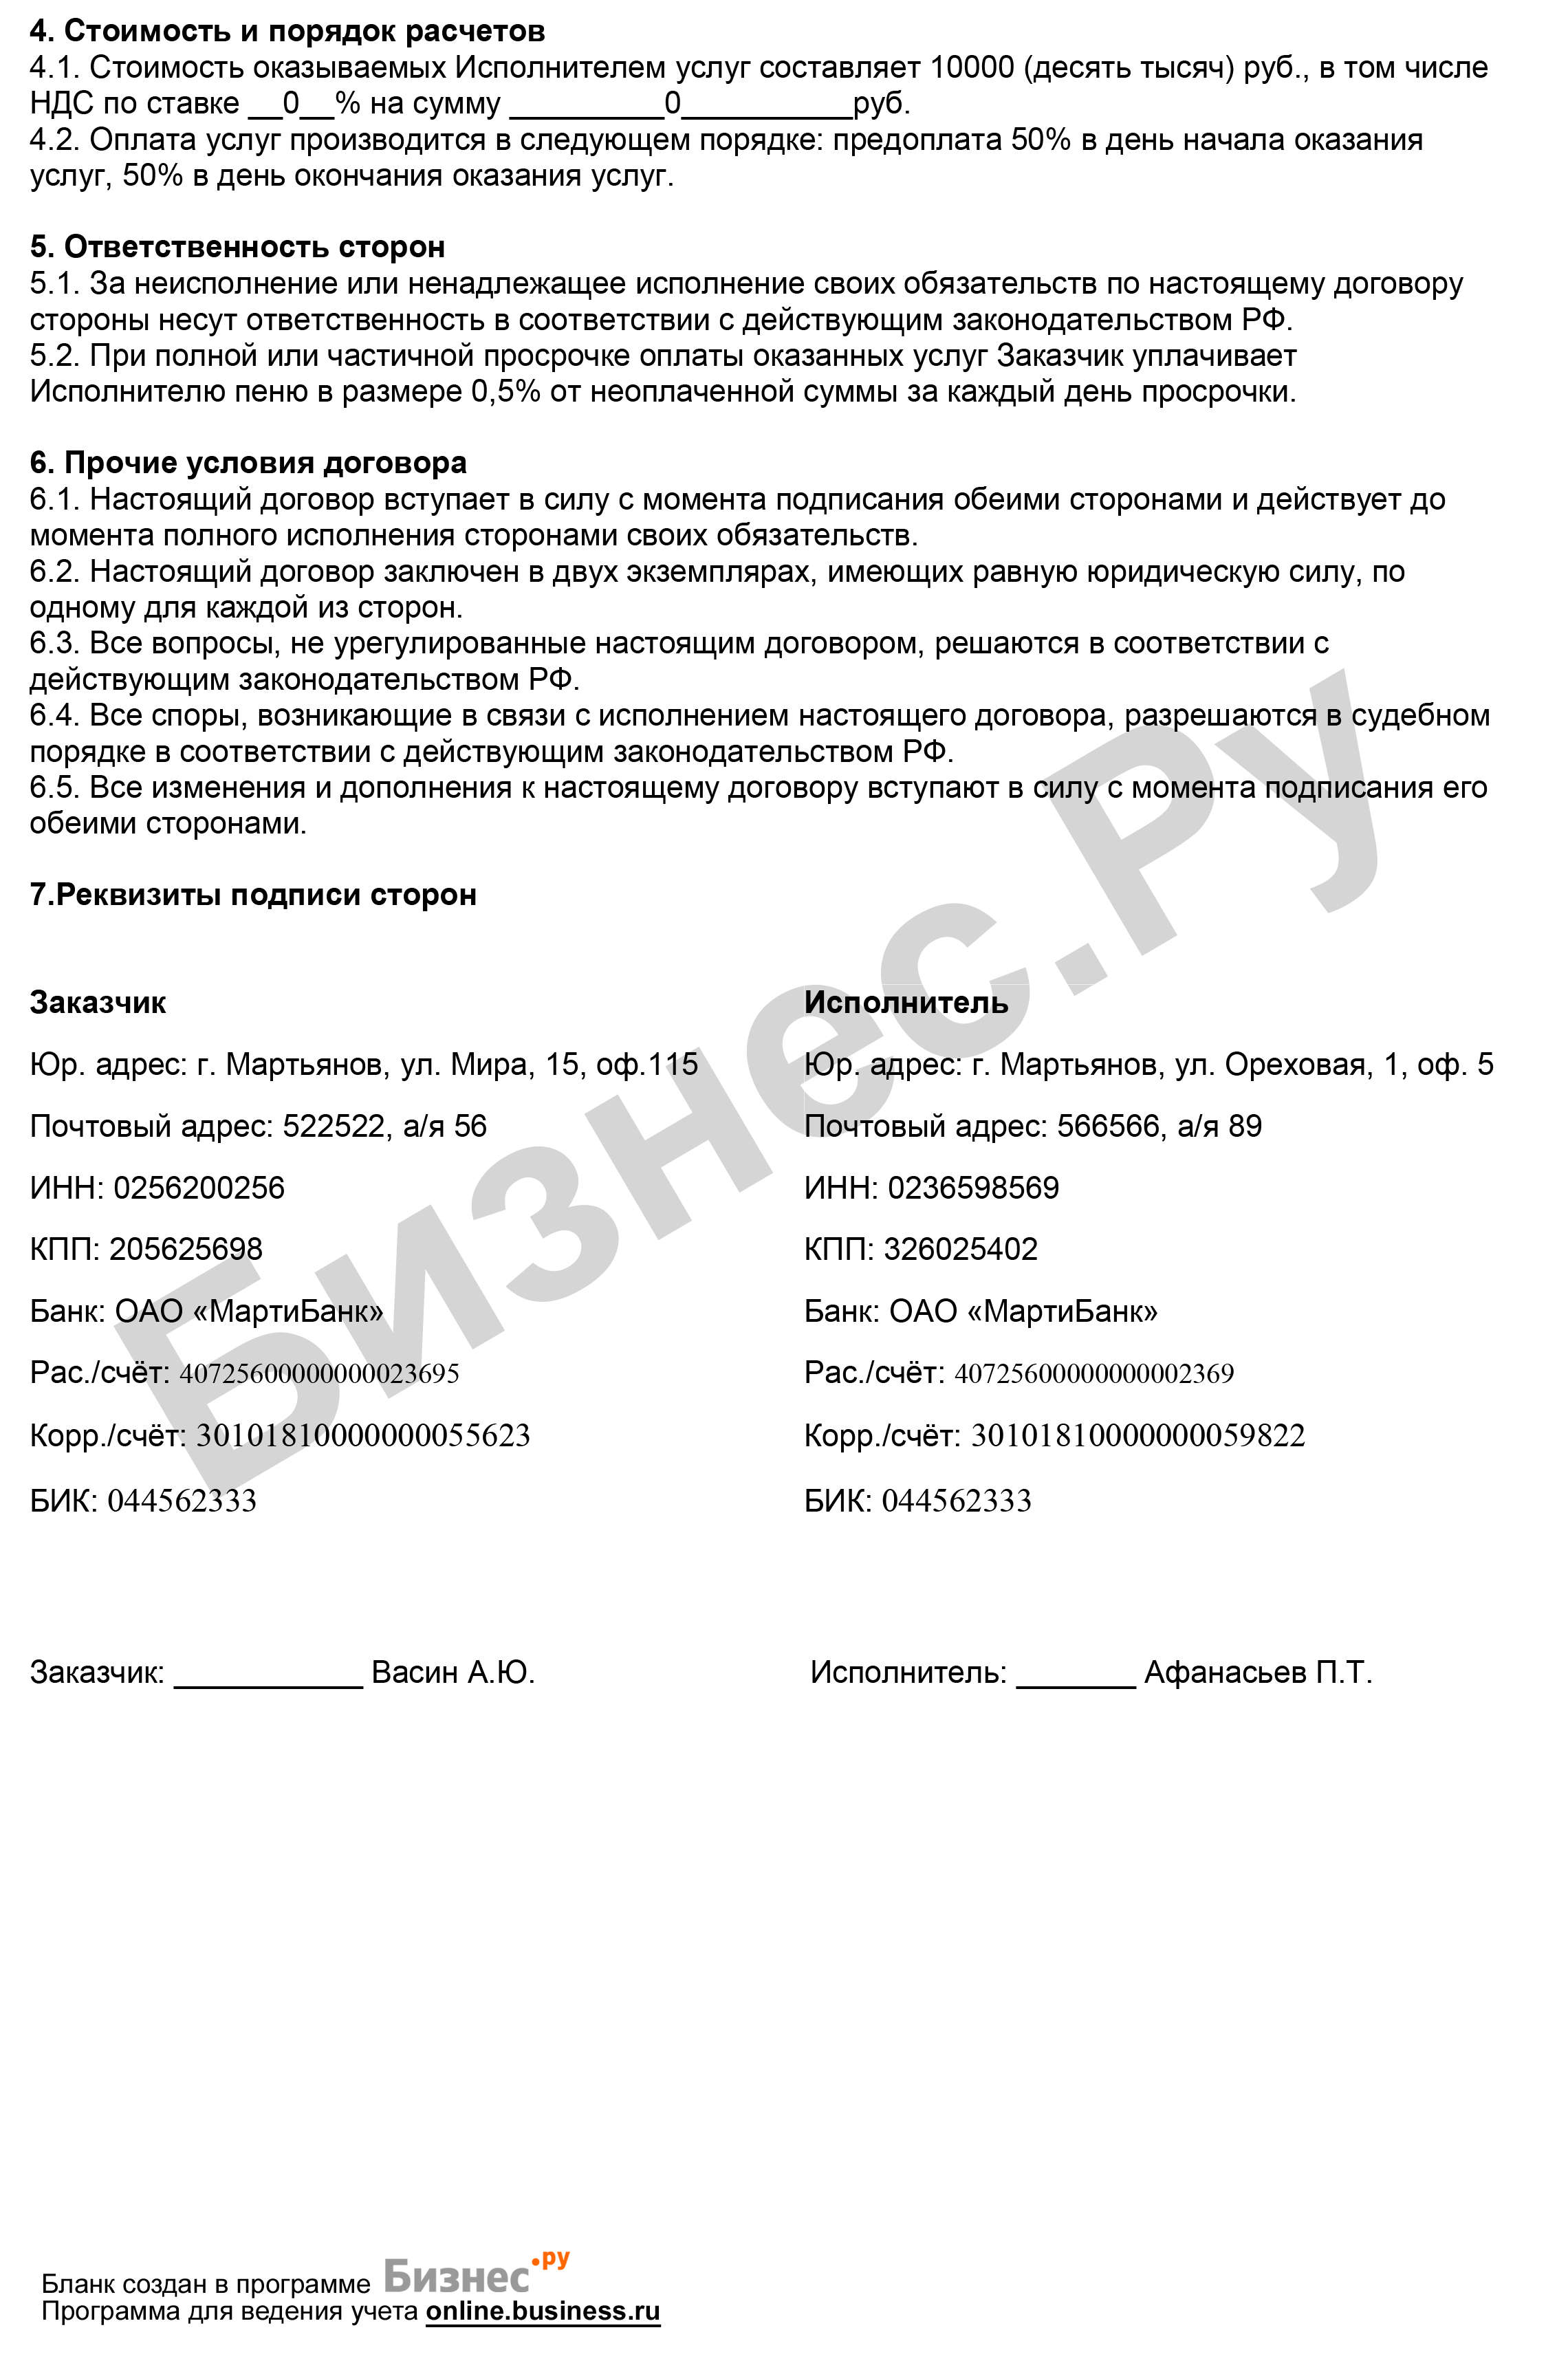 Договор оказания медицинских услуг с юридическим лицом акт сдачи-приема приемные пункты металлолома цены